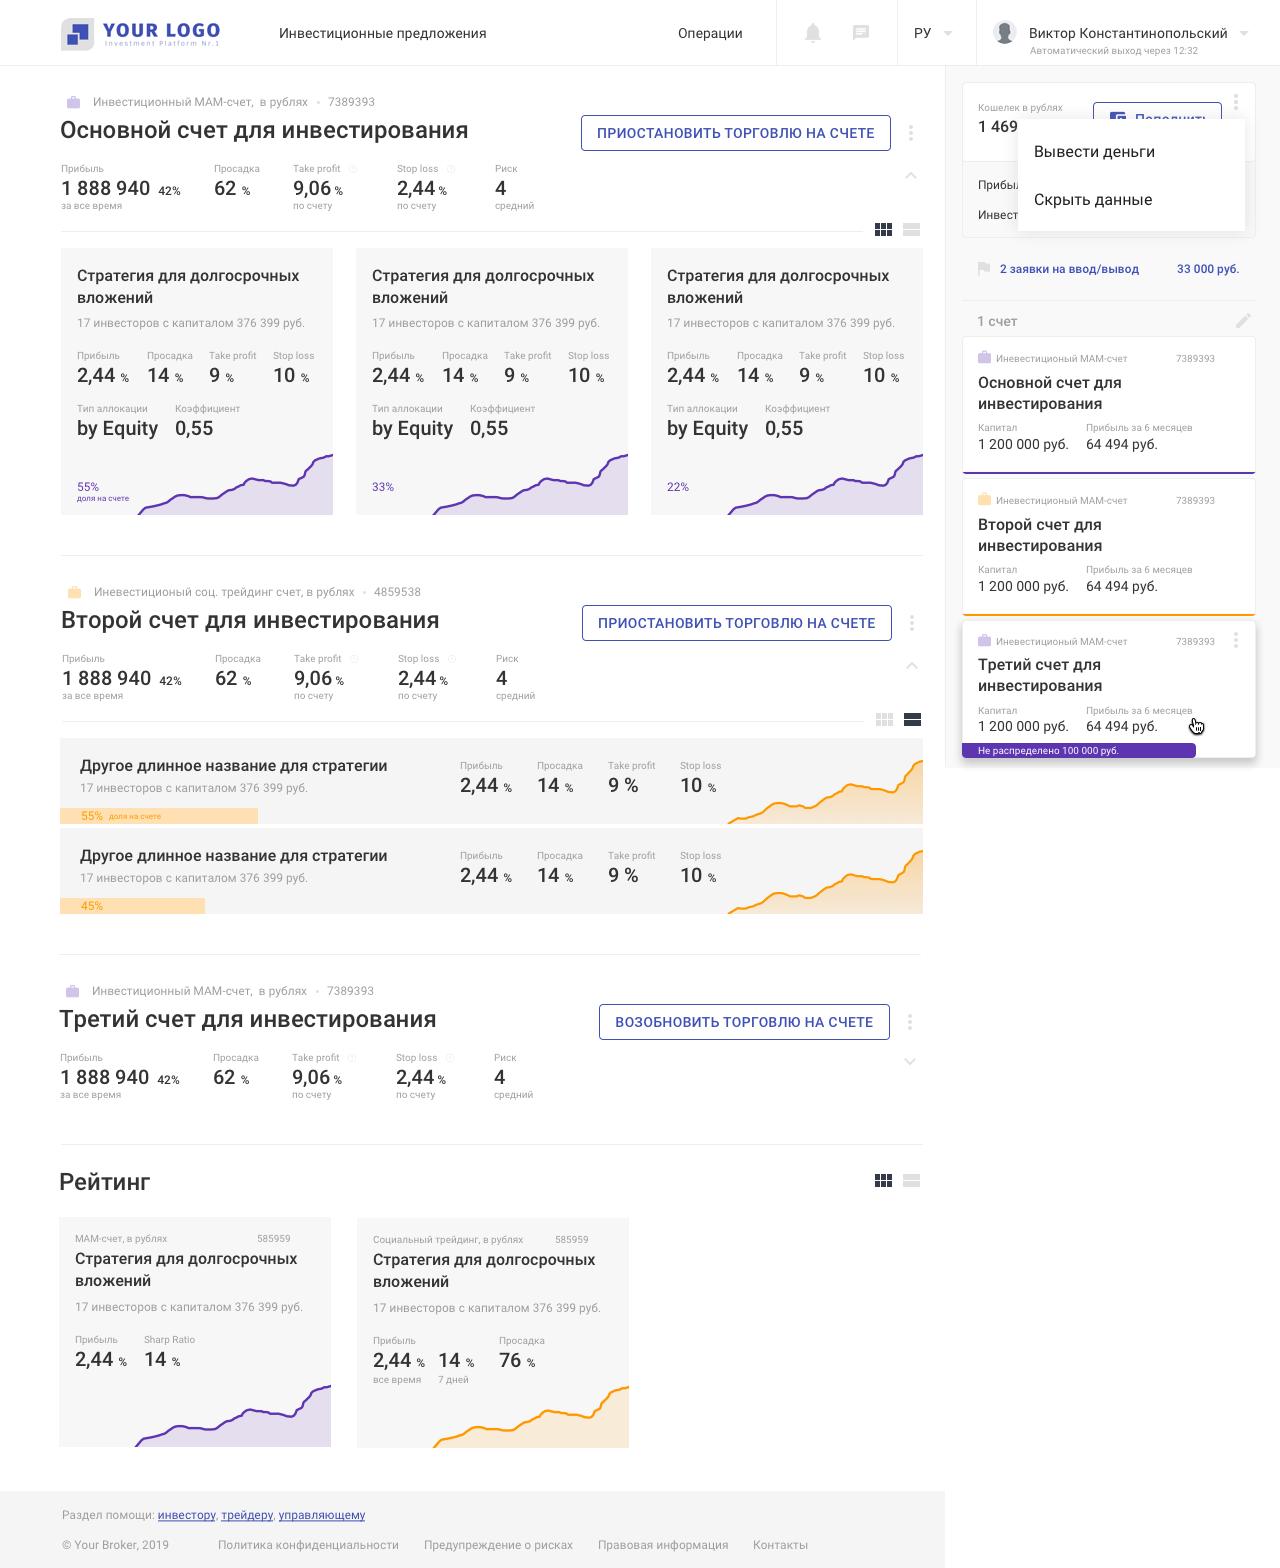 Платформа для инвесторов и трейдеров: дашборд | SobakaPav.ru